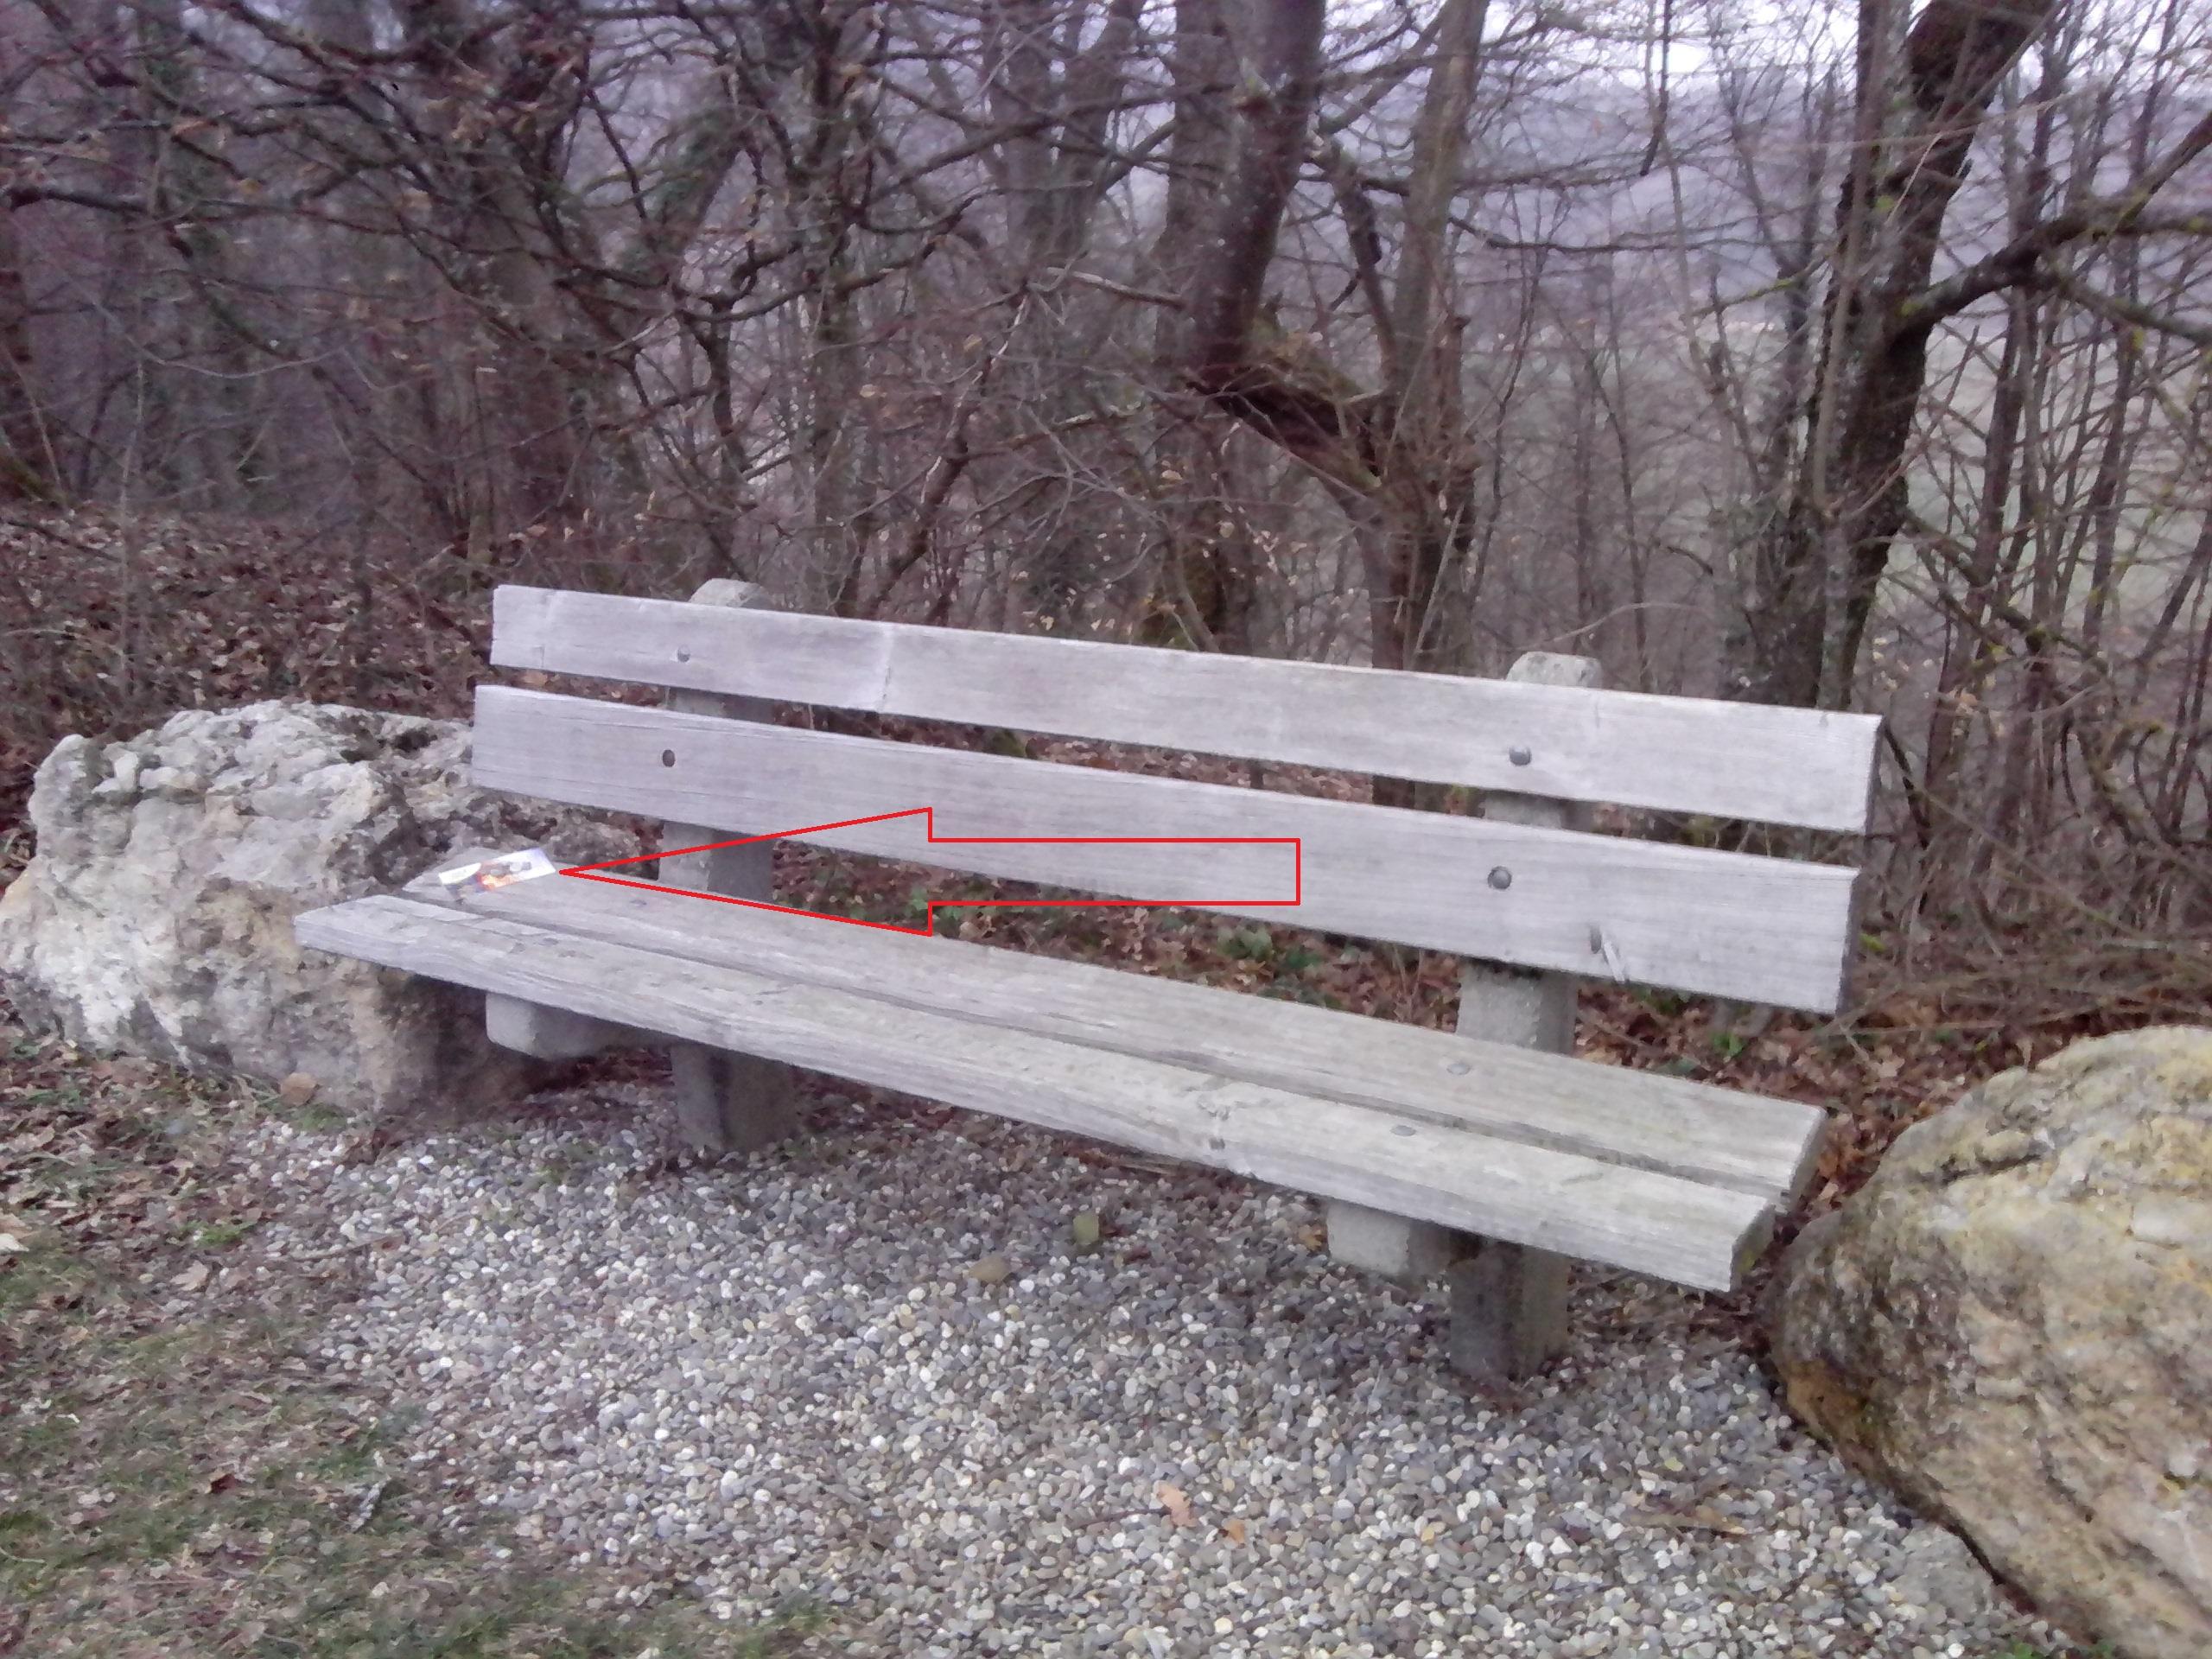 Jemand hat das 'vergessene' wieder auf das Bänkli beim Jägerstand Richtung Eiche gelegt